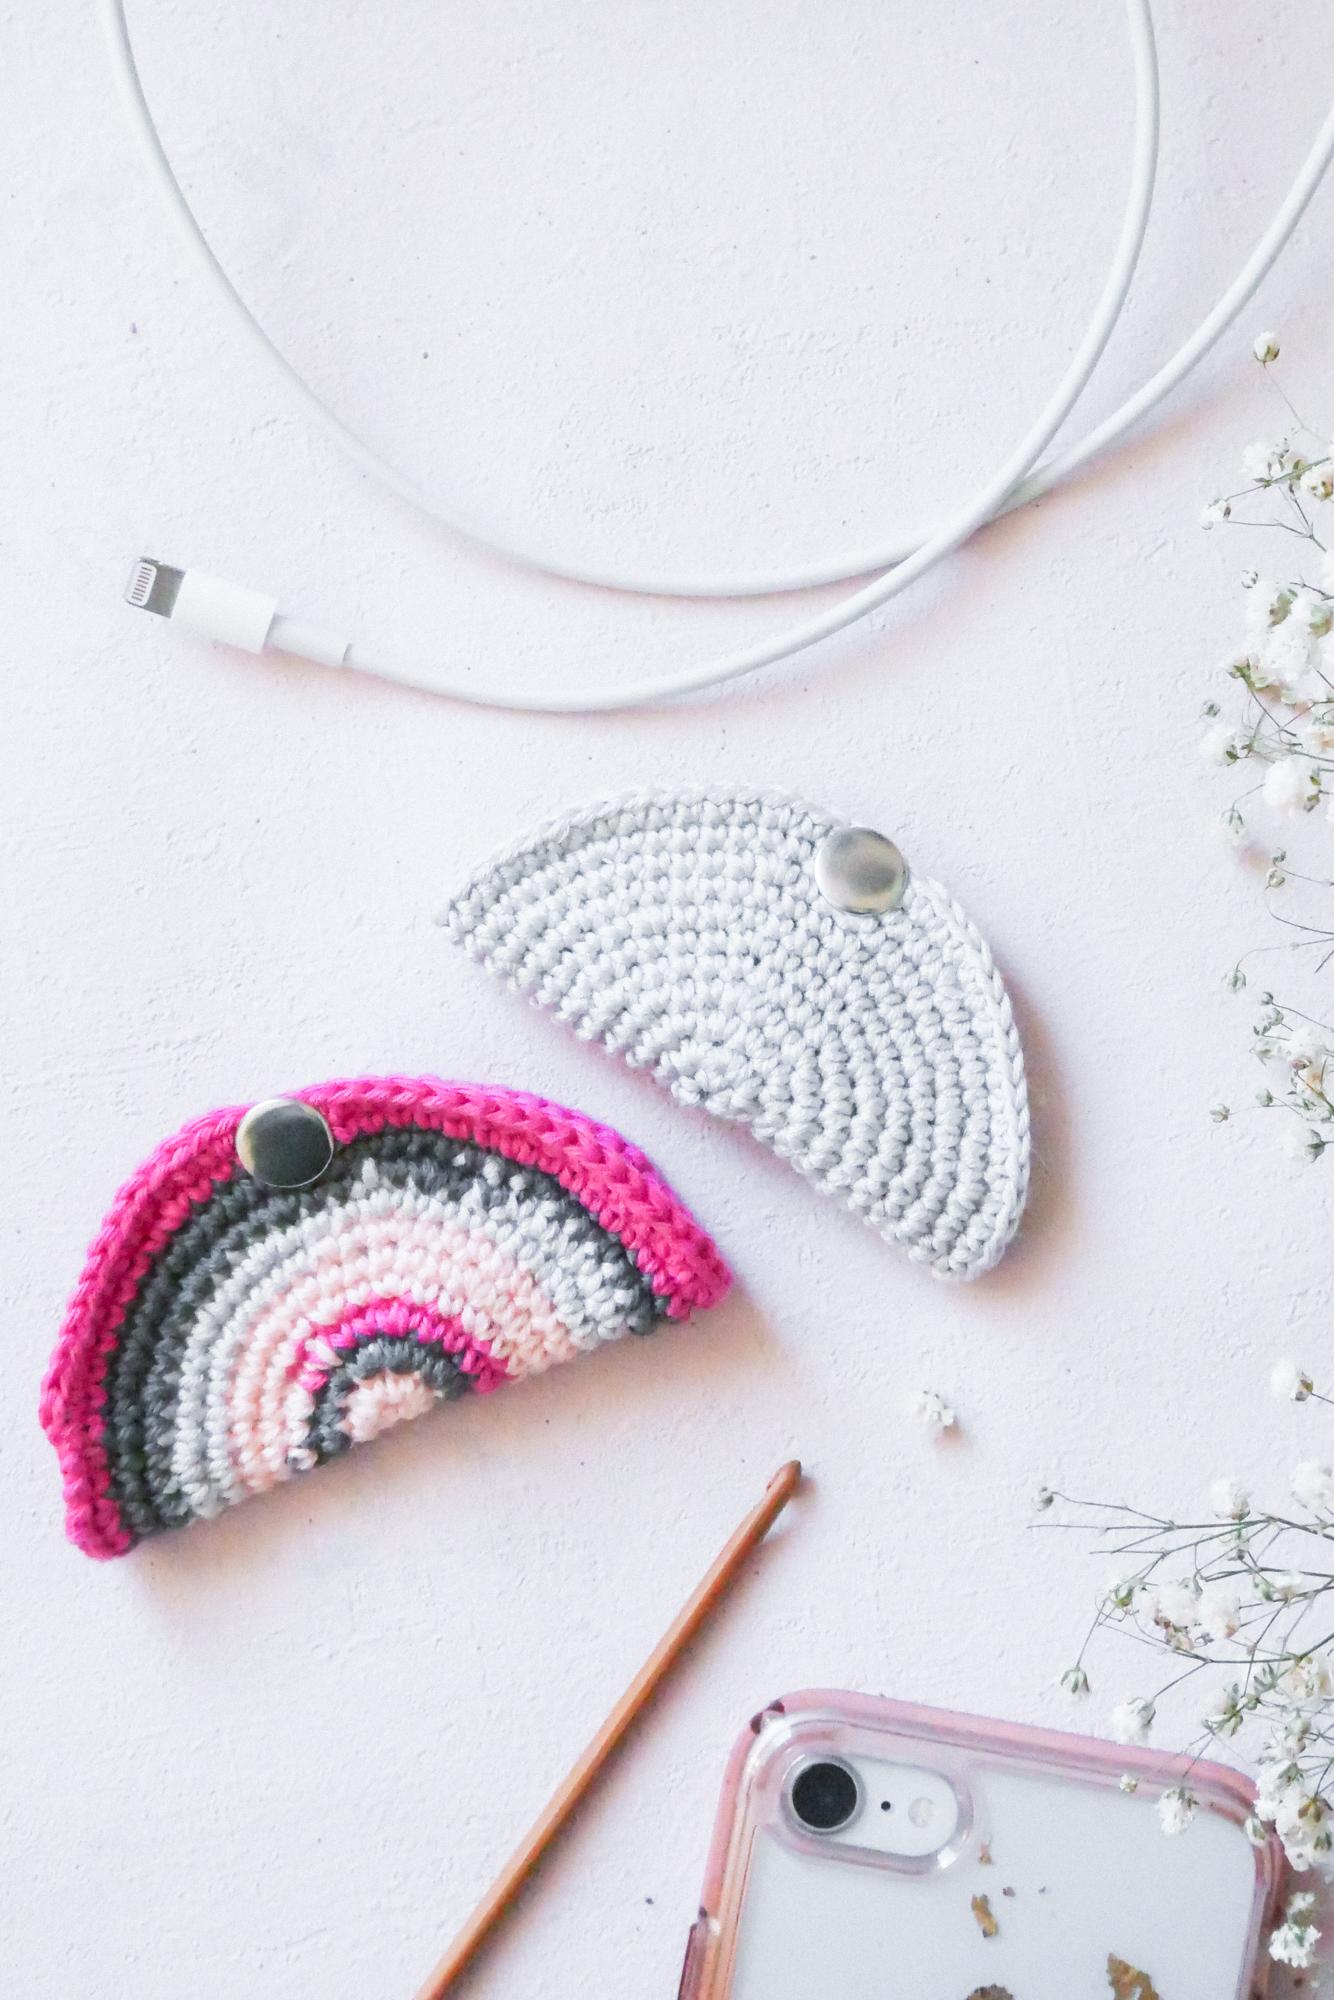 Kabel Organizer häkeln aus Wollresten- praktisches DIY